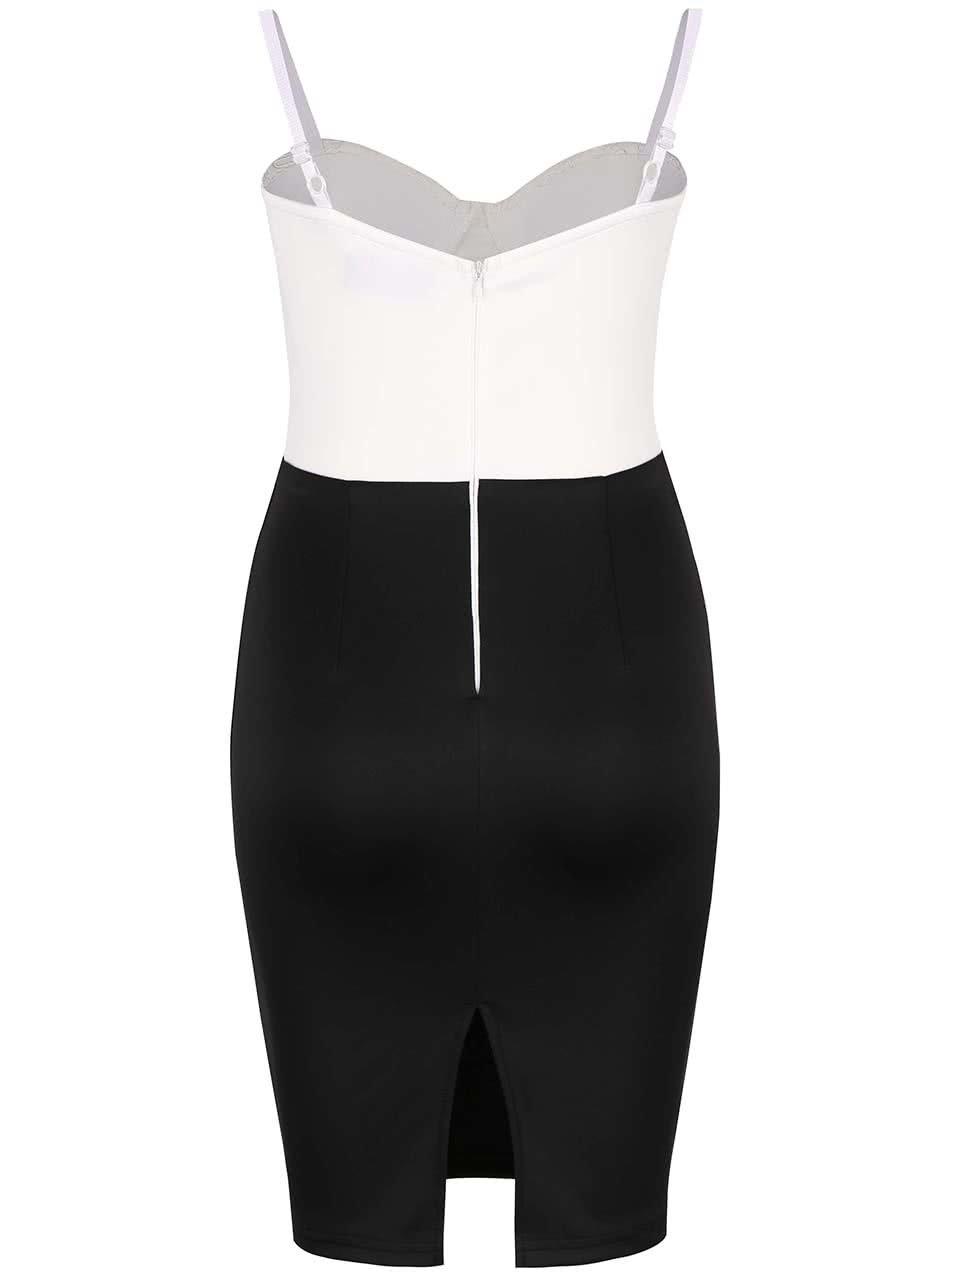 Krémovo-černé šaty na úzká ramínka AX Paris ... 7a60154a8d